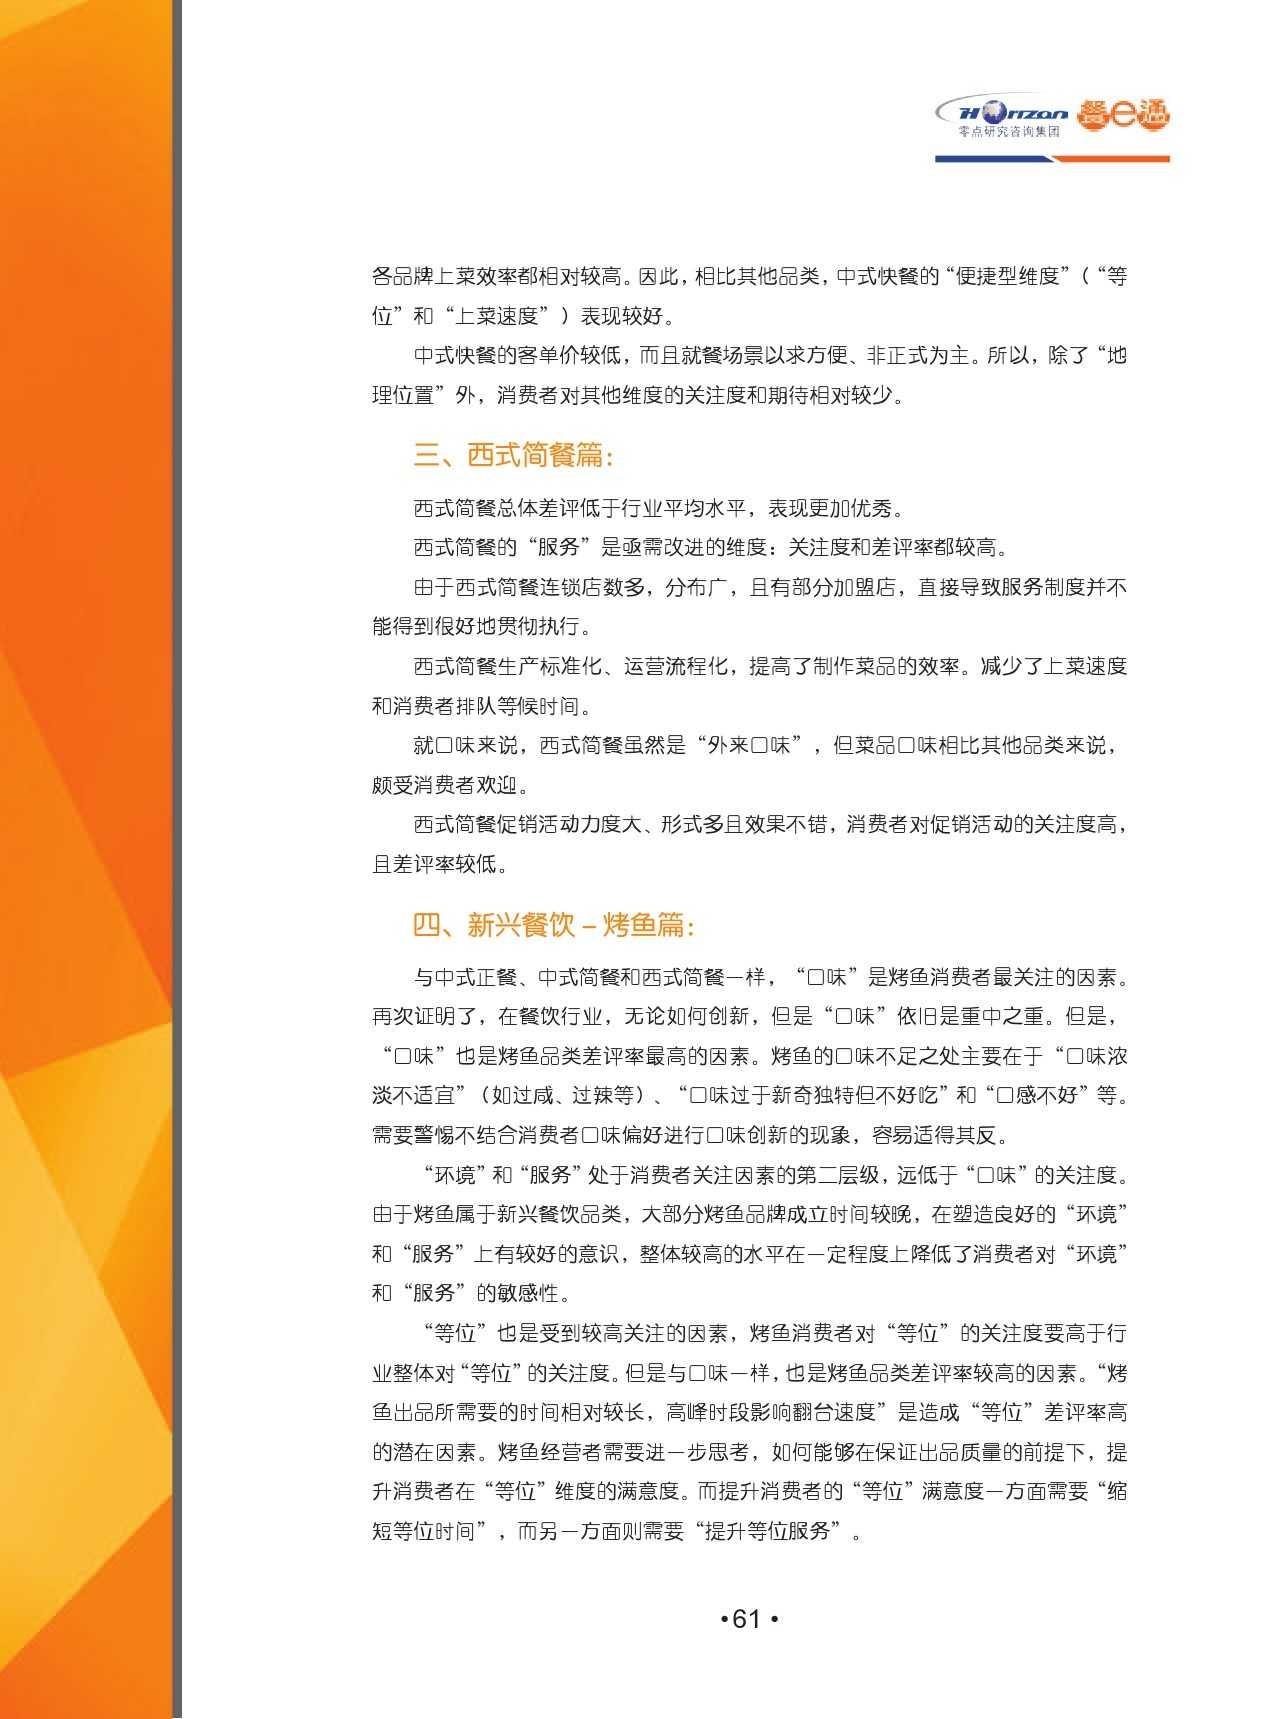 2015中国餐饮消费需求大数据分析报告_000063